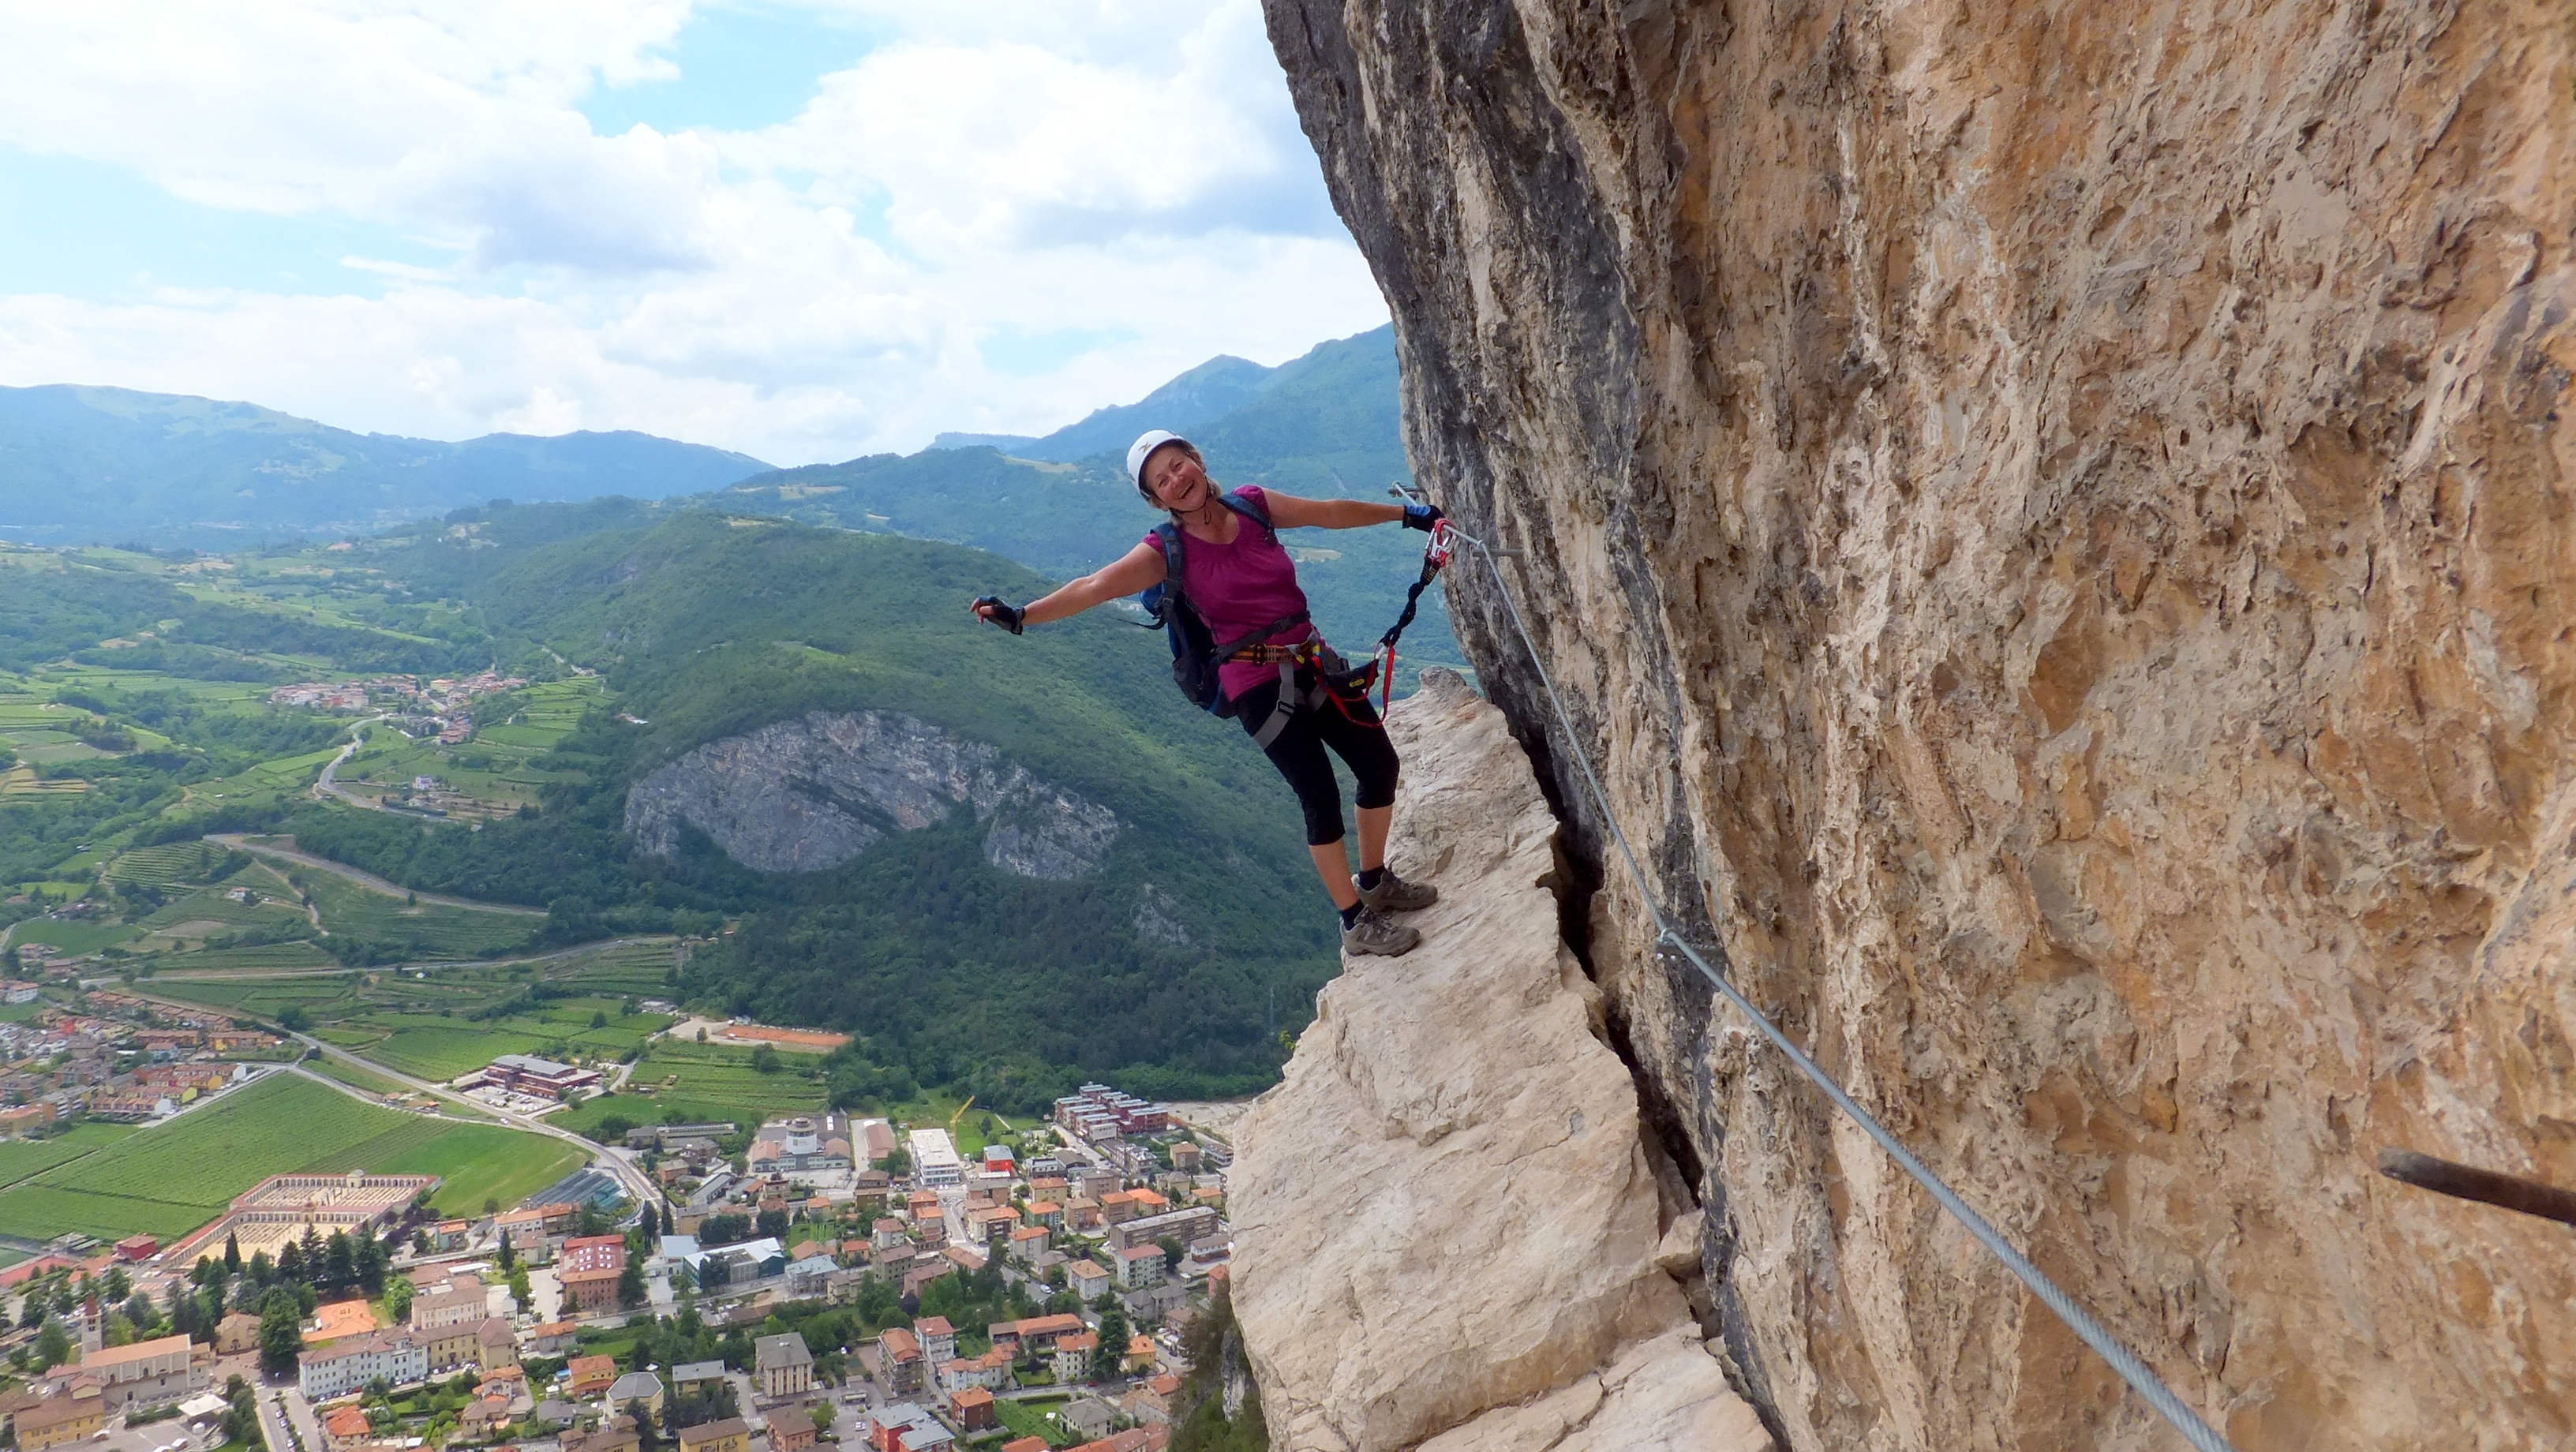 Klettersteig Gardasee : Monte albano che guevara gardasee lisa unterwegs